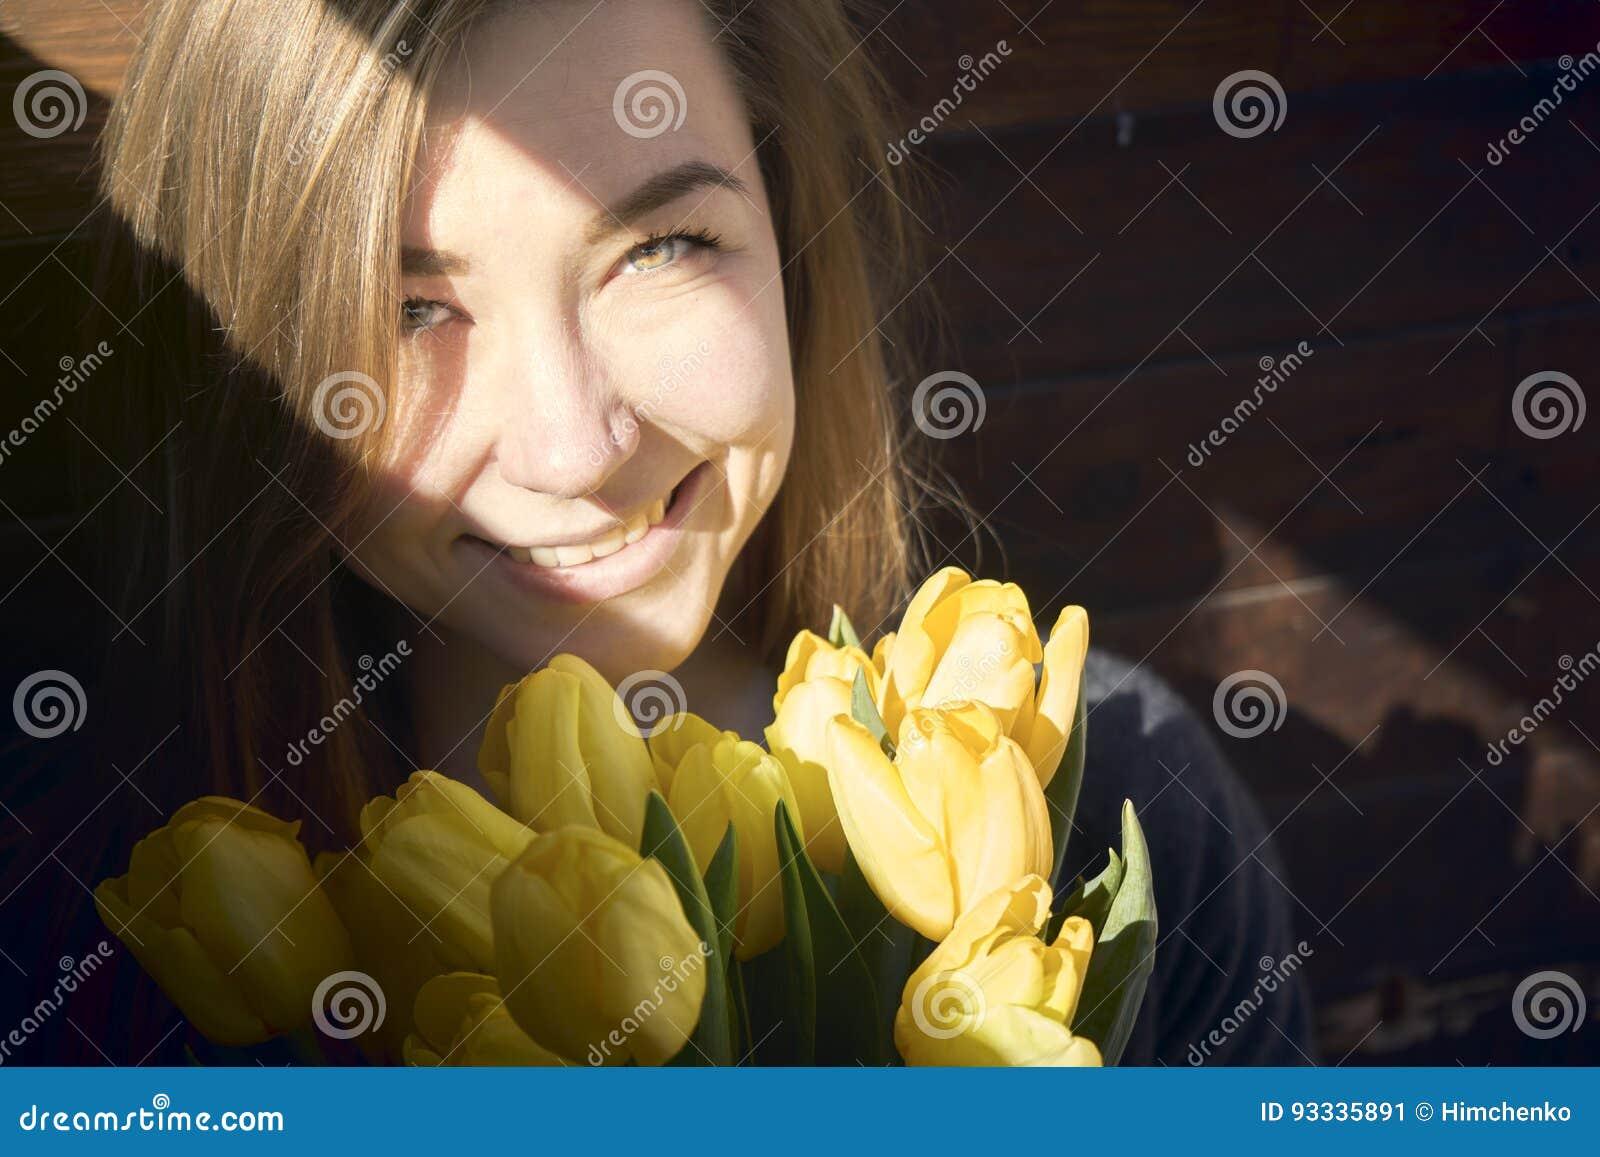 Donna con i fiori in una stanza scura